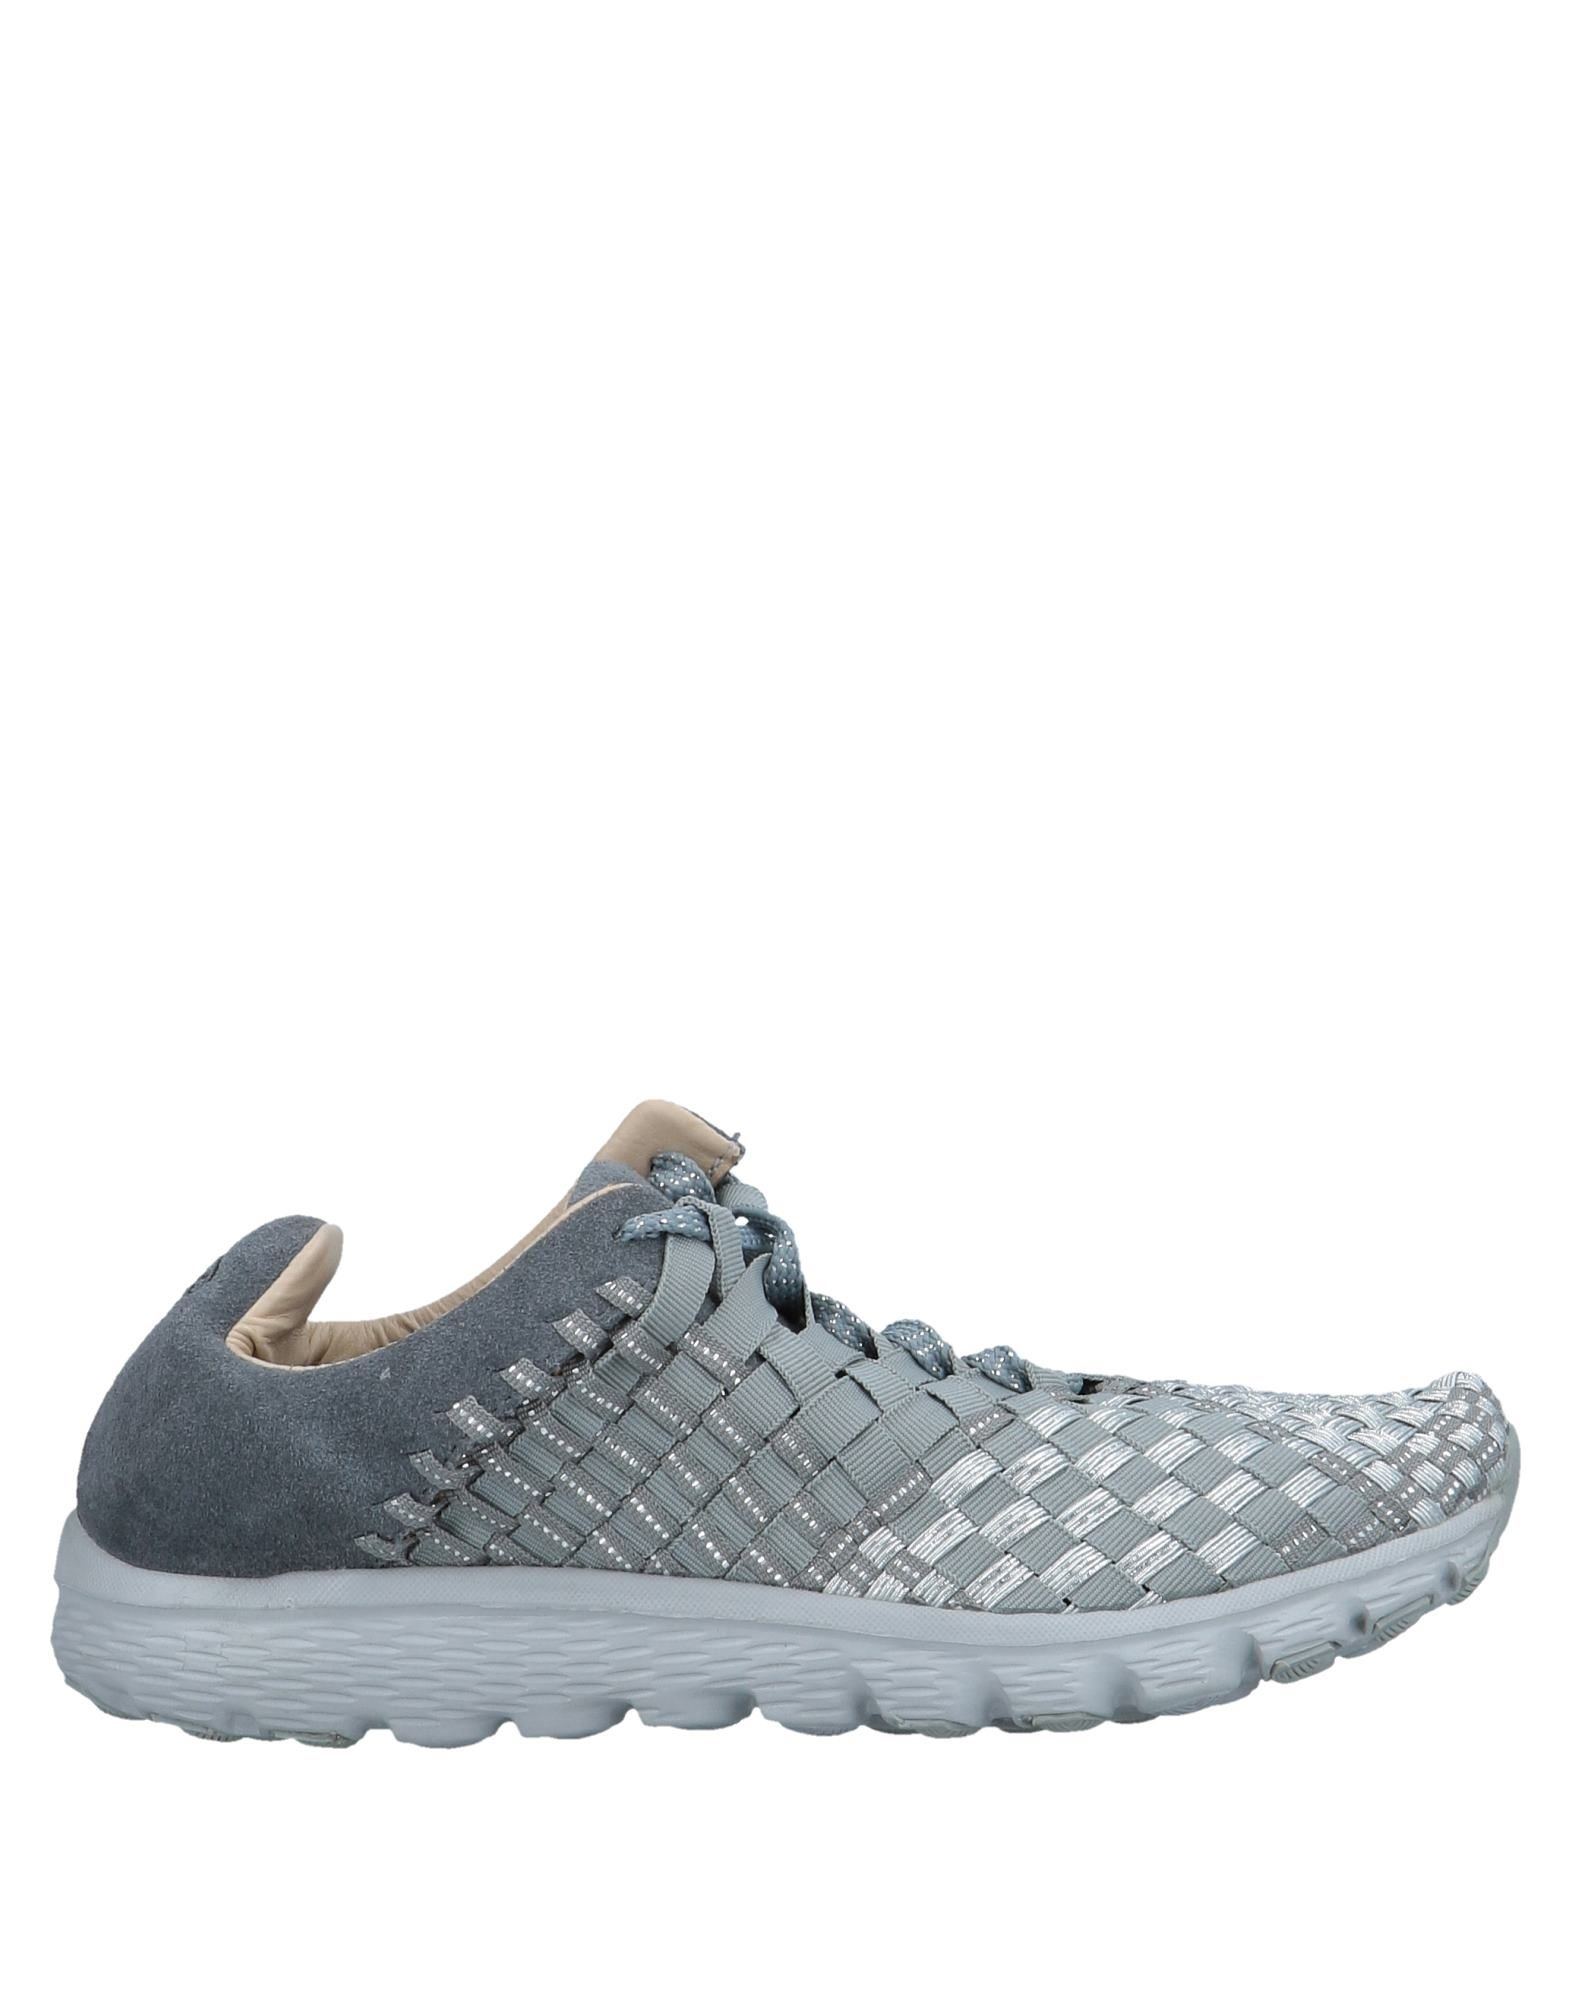 Rock Spring Sneakers - Women Rock Spring Sneakers - online on  Canada - Sneakers 11561182BX 1c6b8d